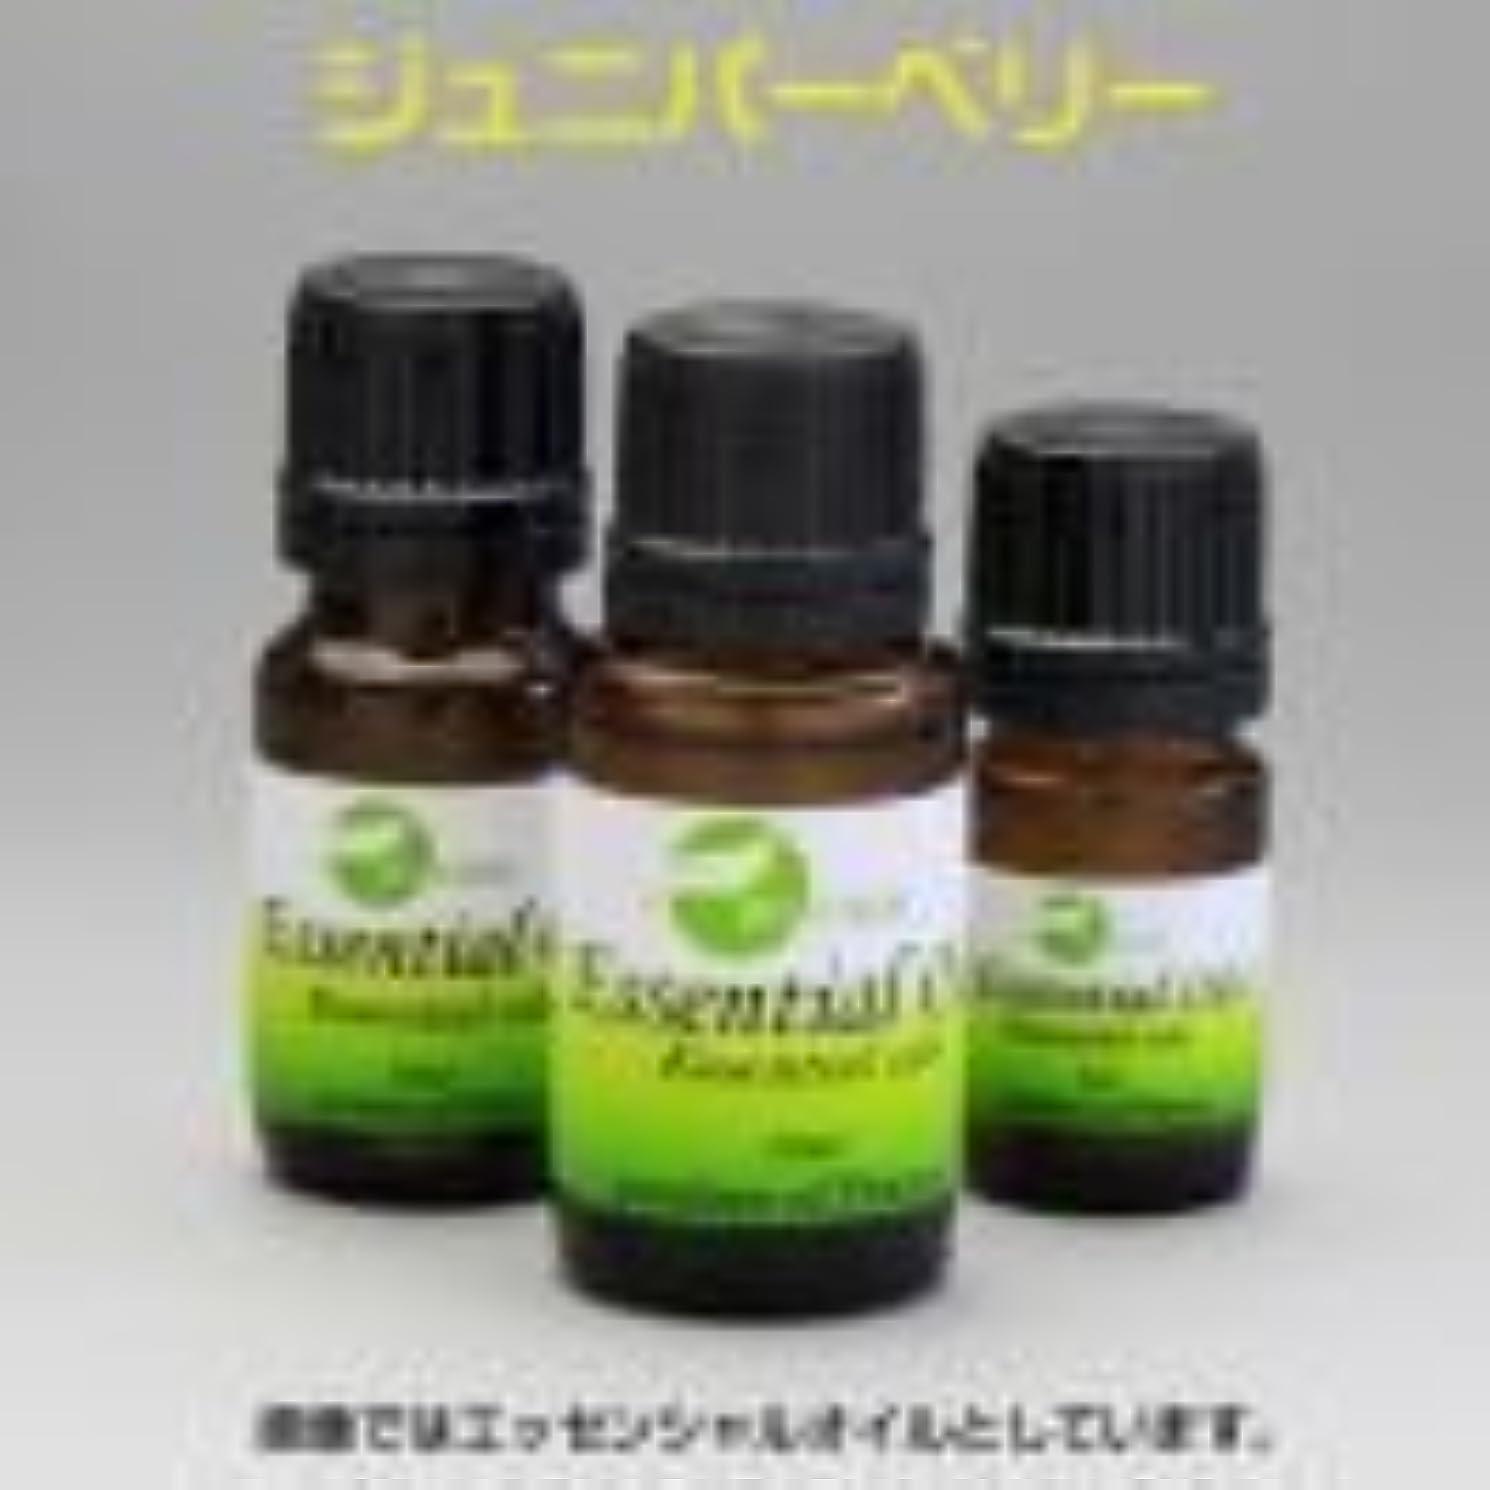 明らかにする不倫一元化する[エッセンシャルオイル] 松の針葉に似たフレッシュな樹脂の香り ジュニパーベリー 15ml